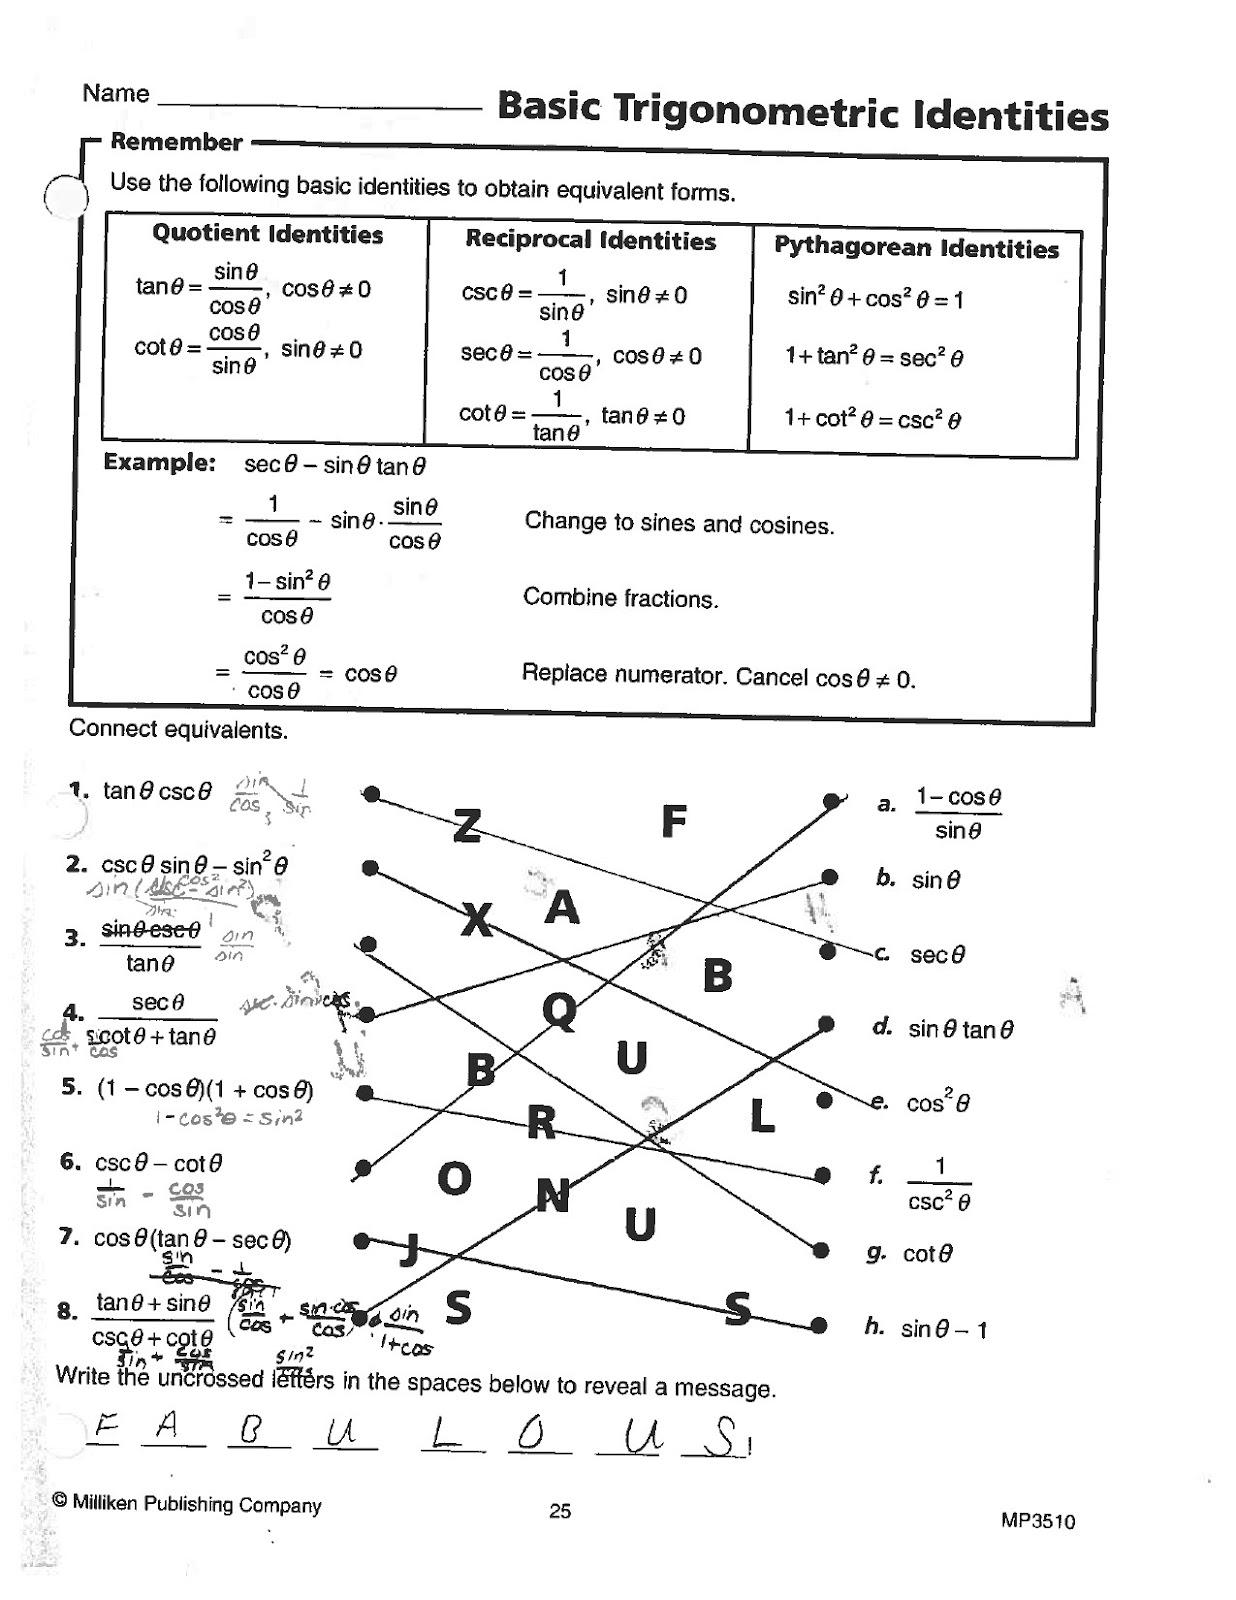 math classes spring 2012 trig worksheets answer keys. Black Bedroom Furniture Sets. Home Design Ideas